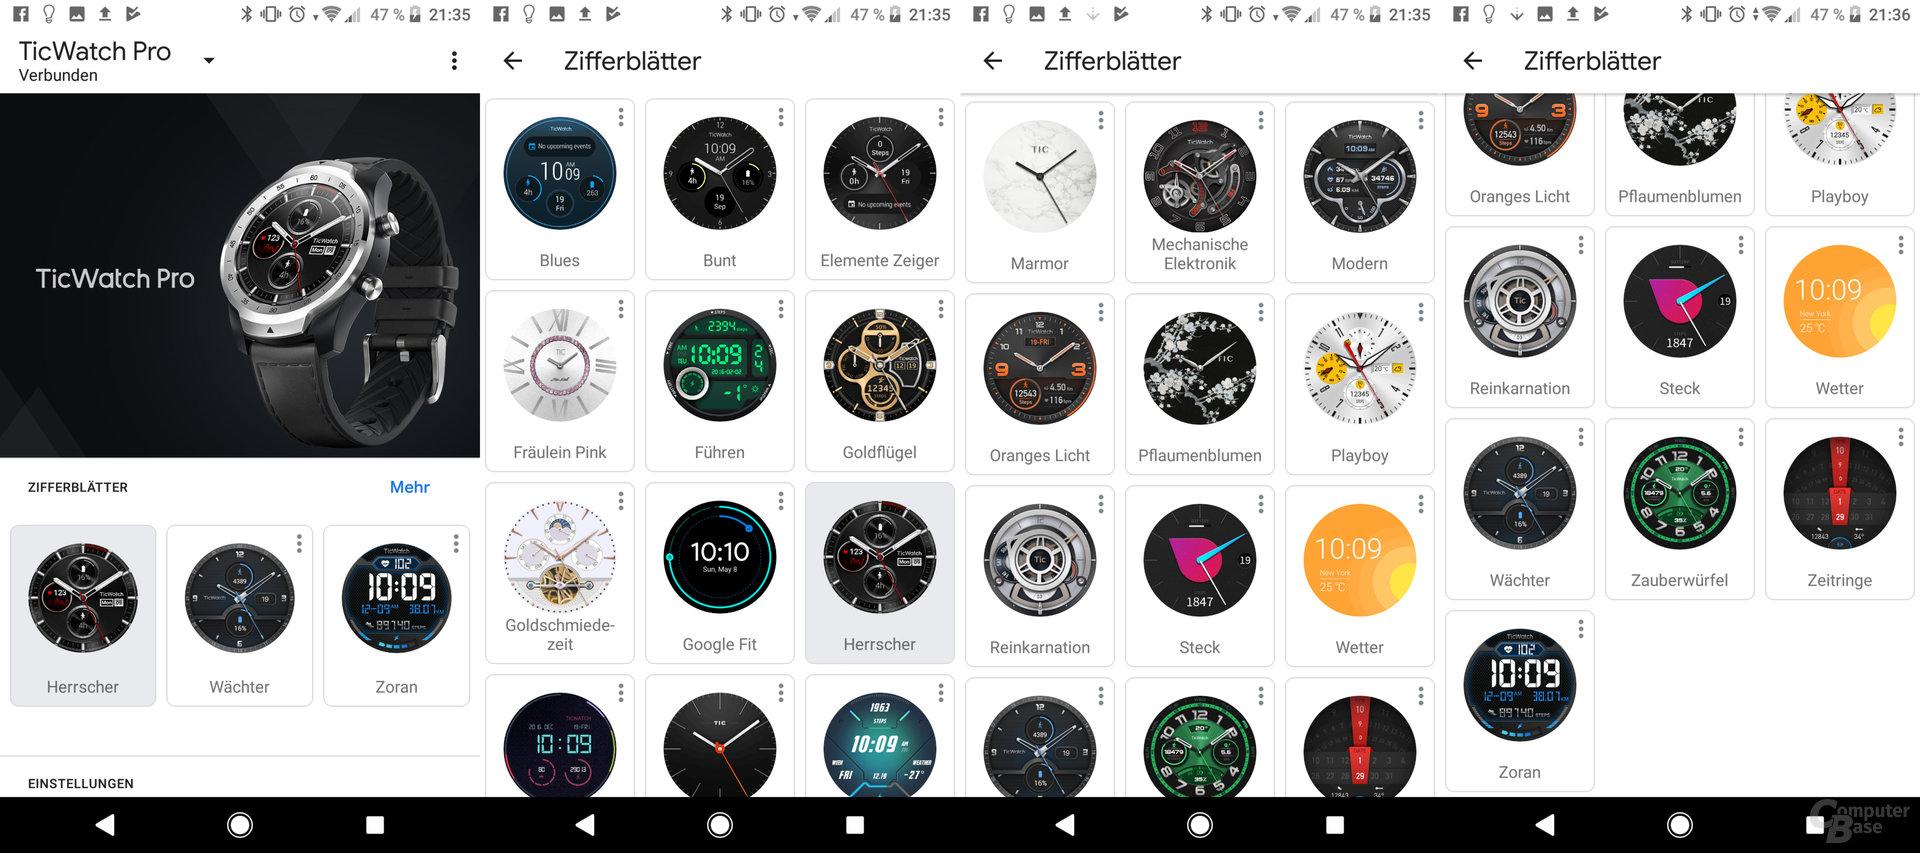 Mobvoi TicWatch Pro: Wear OS für Ziffernblätter